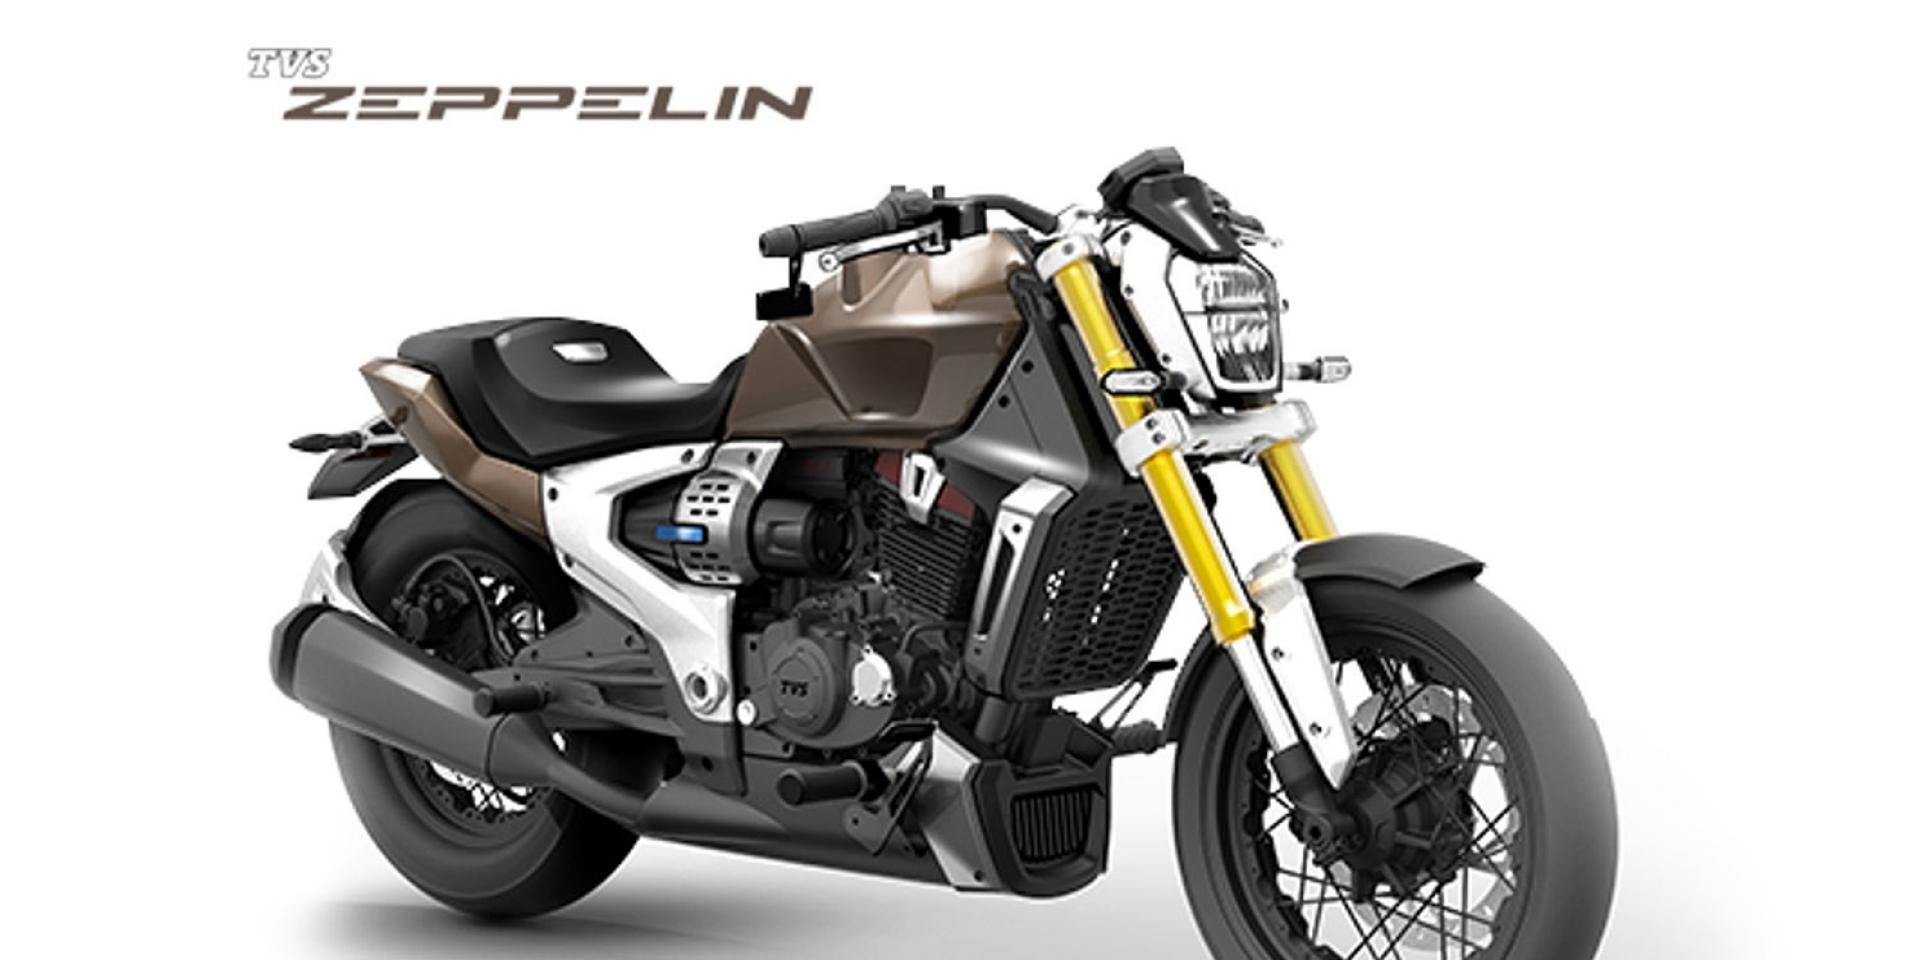 技術大躍進,印度車場TVS推出Hybrid油電混合摩托車